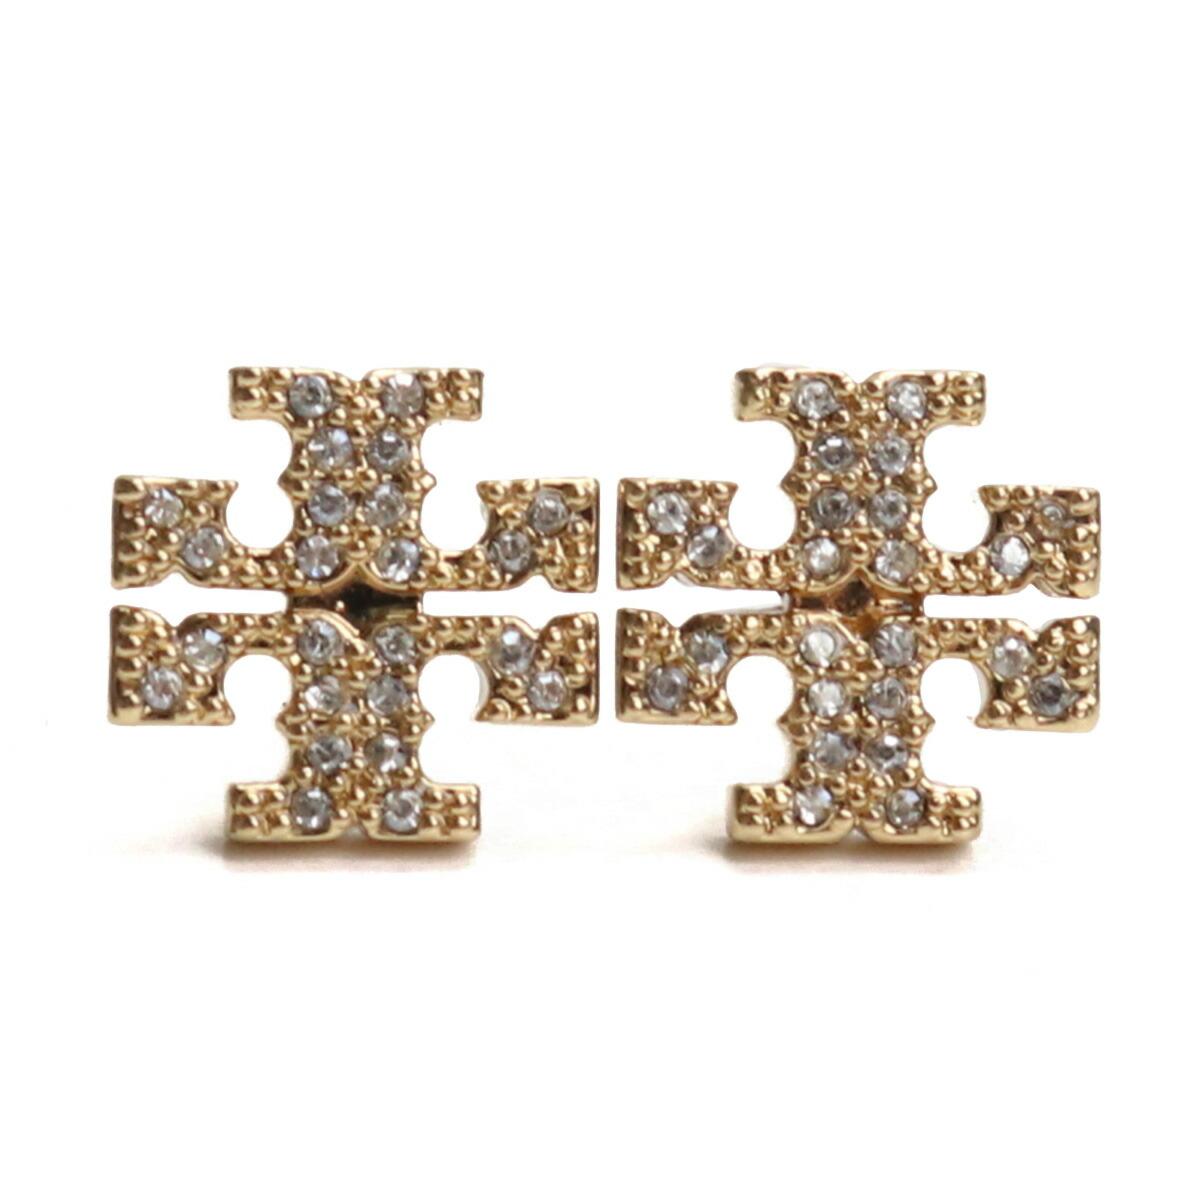 トリーバーチ TORY BURCH KIRA PAVE STUD EARRING ピアス ブランドアクセサリー 53423 783 TORY GOLD/NEW IVORY クリア系 accessory-01